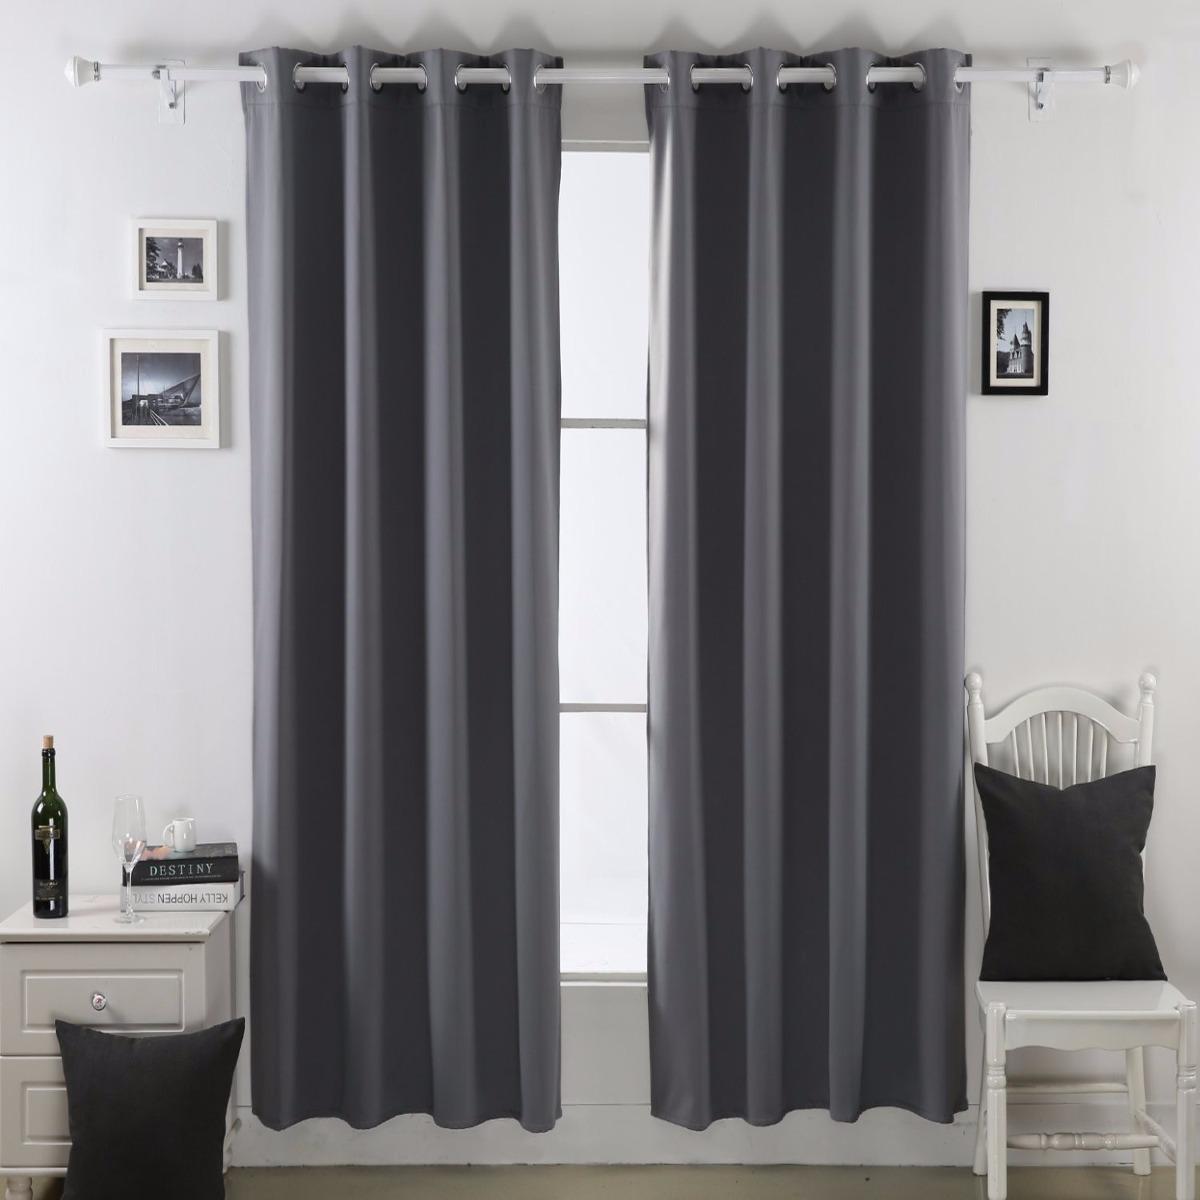 Cortina termica de franela 132x241 gris 2 en - Tela termica para cortinas ...